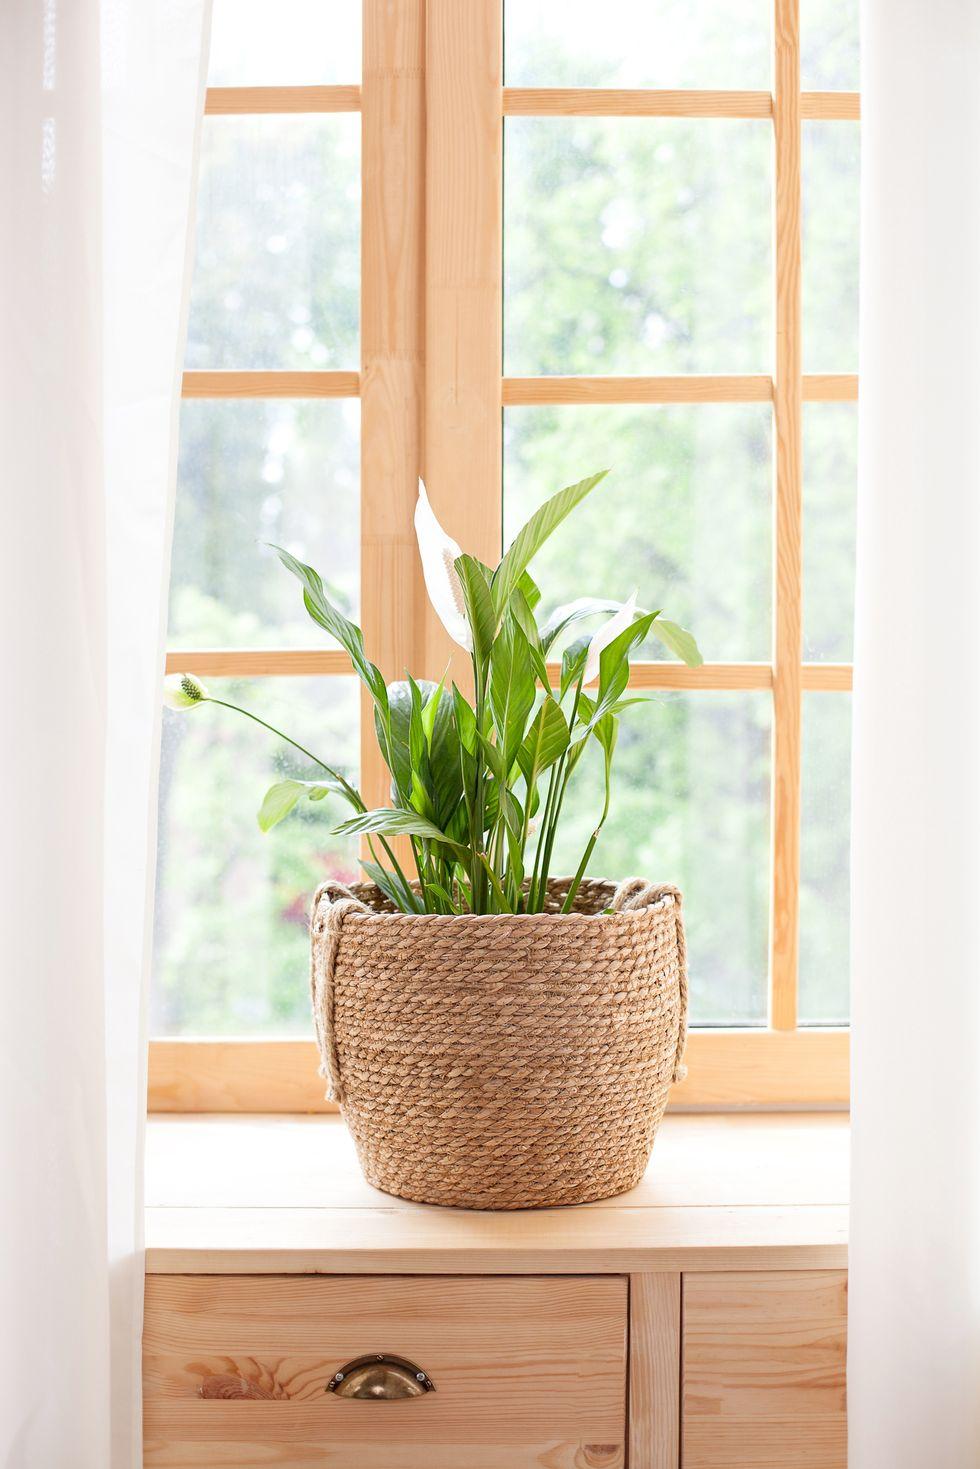 Gợi ý những loại cây tốt nhất có thể trồng trong nhà bếp để làm sáng không gian nhà bạn - Ảnh 4.